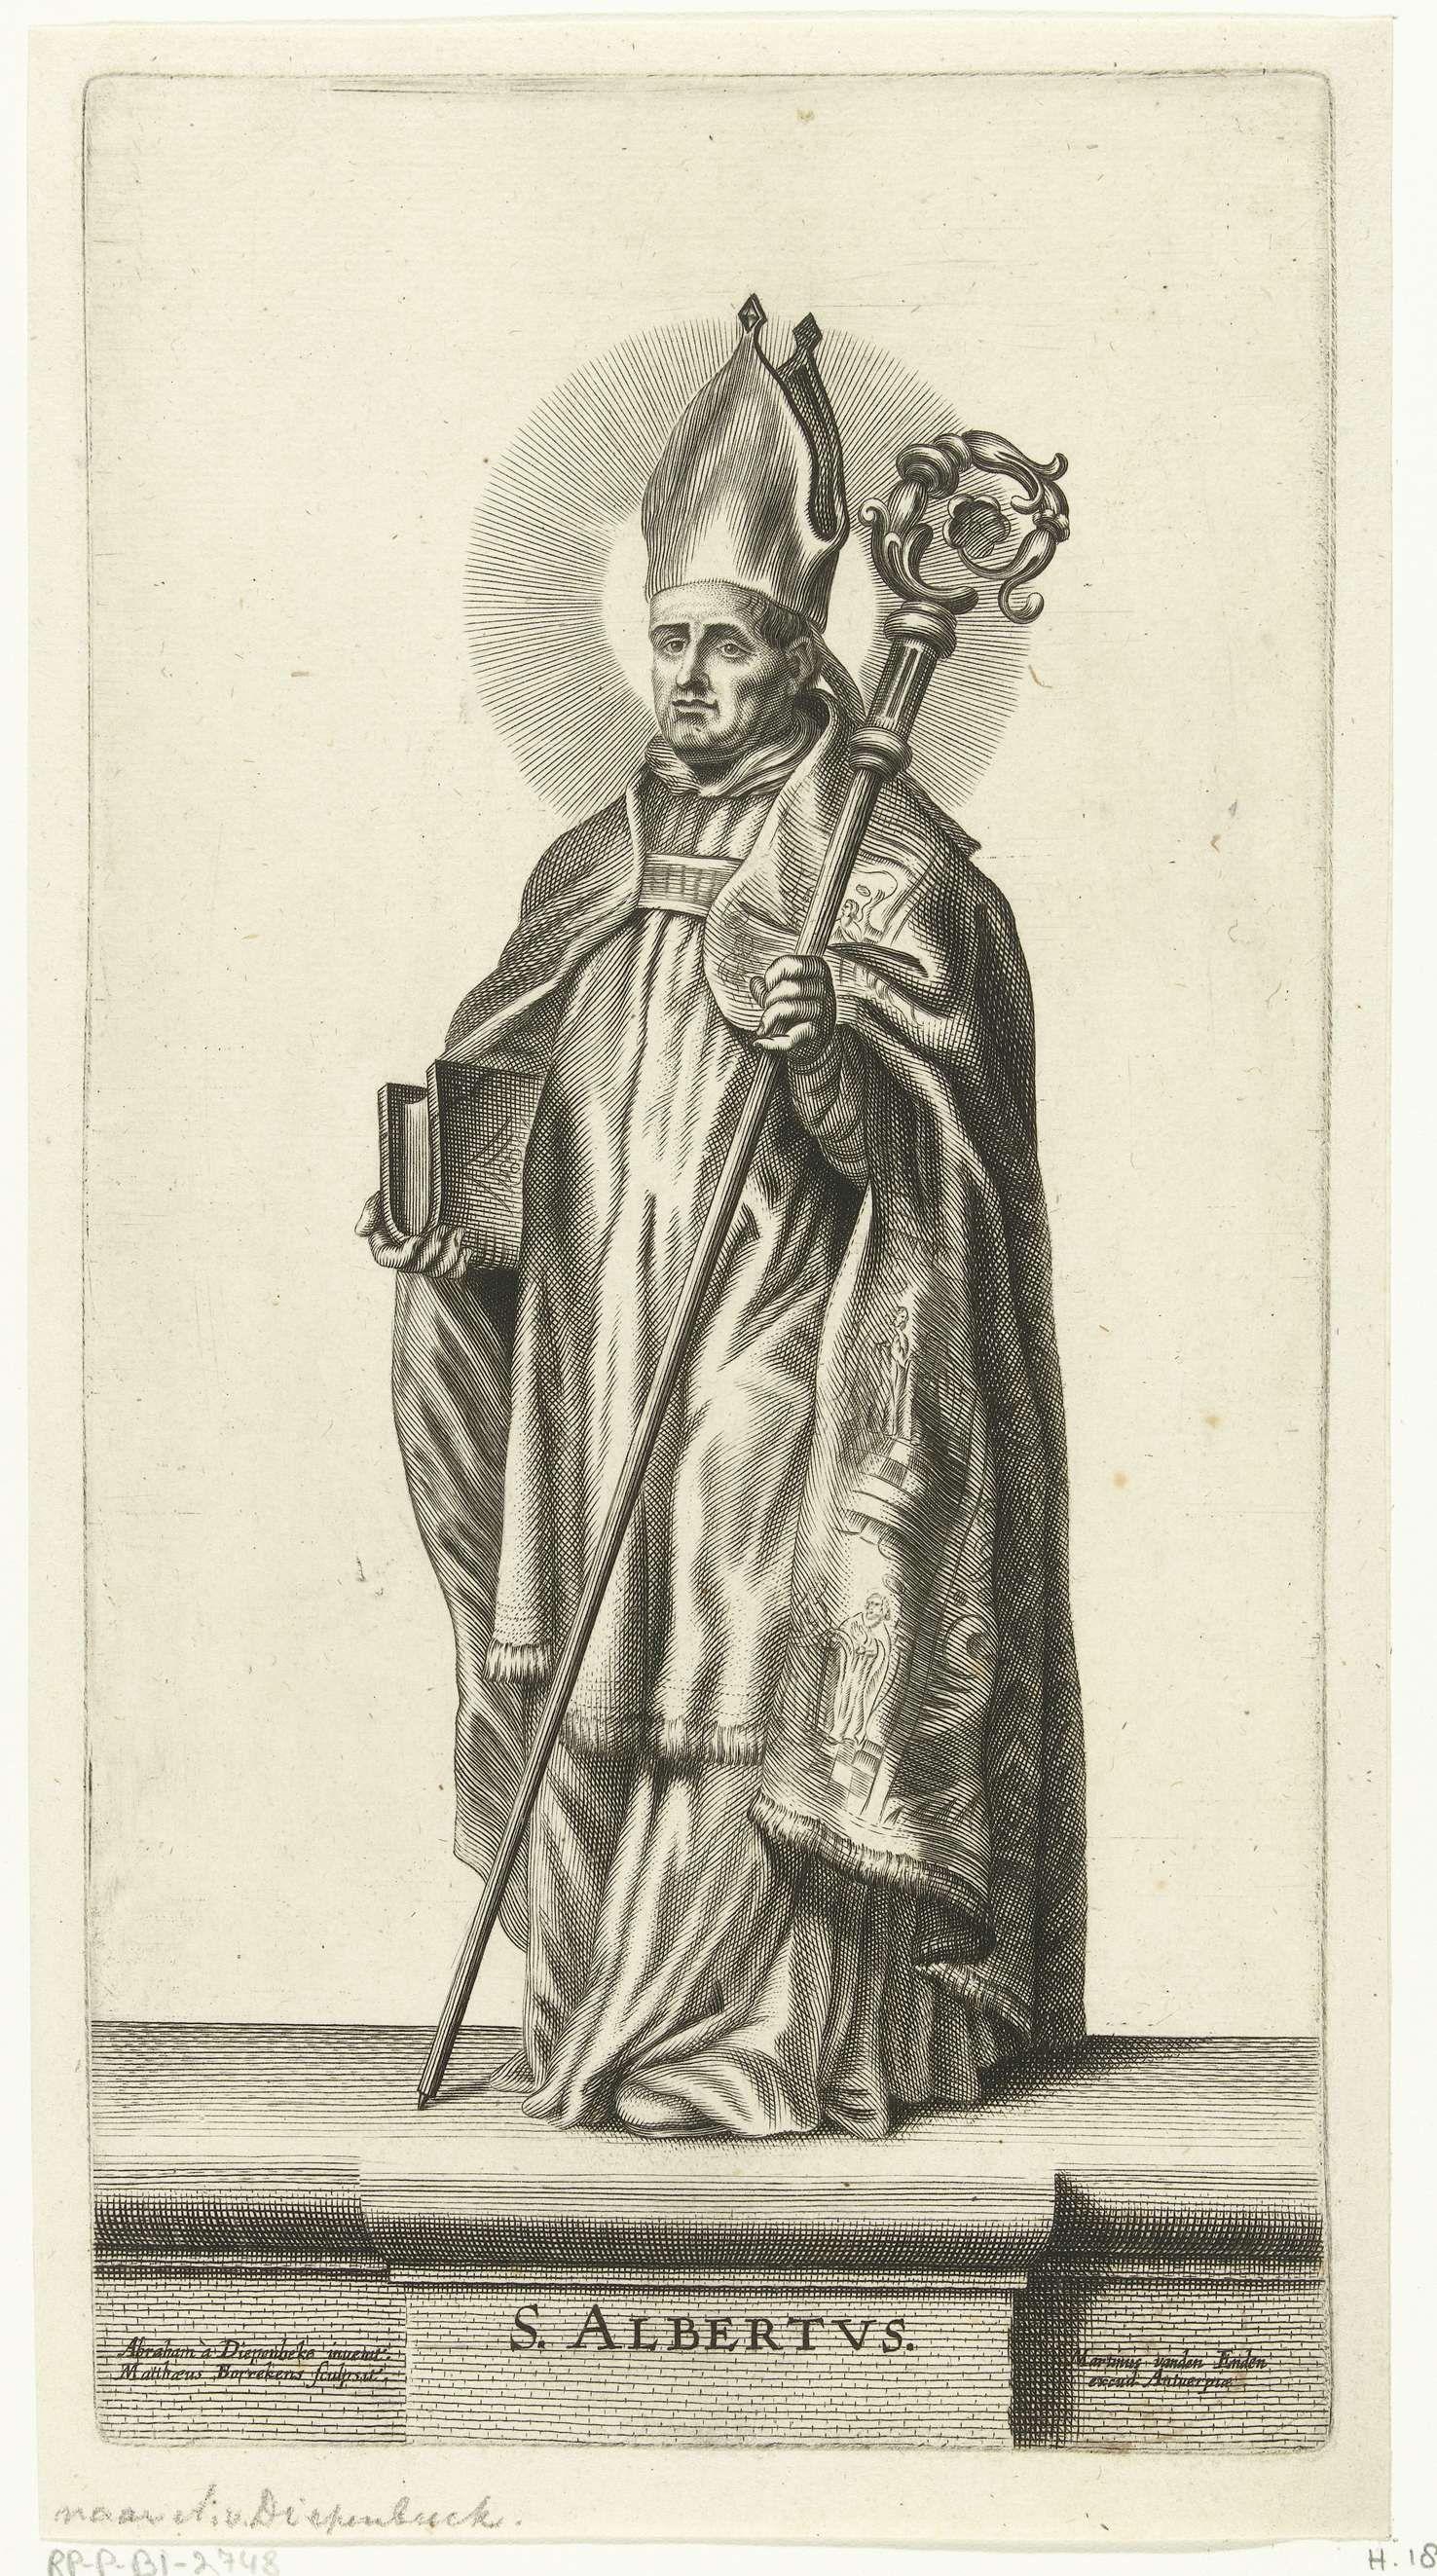 Mattheus Borrekens | Heilige Albertus, Mattheus Borrekens, Martinus van den Enden, 1644 | De Heilige Albertus. De H. Albertus was een Dominicaner monnik en bisschop van Regensburg. Hij was tevens professor Theologie. H. Albertus draagt de bisschopsmantel, mijter en heeft de kromstaf in zijn rechterhand. In zijn linkerhand houdt hij een boek vast, symbool voor zijn geleerdheid. Hij heeft een aureool rond zijn hoofd.